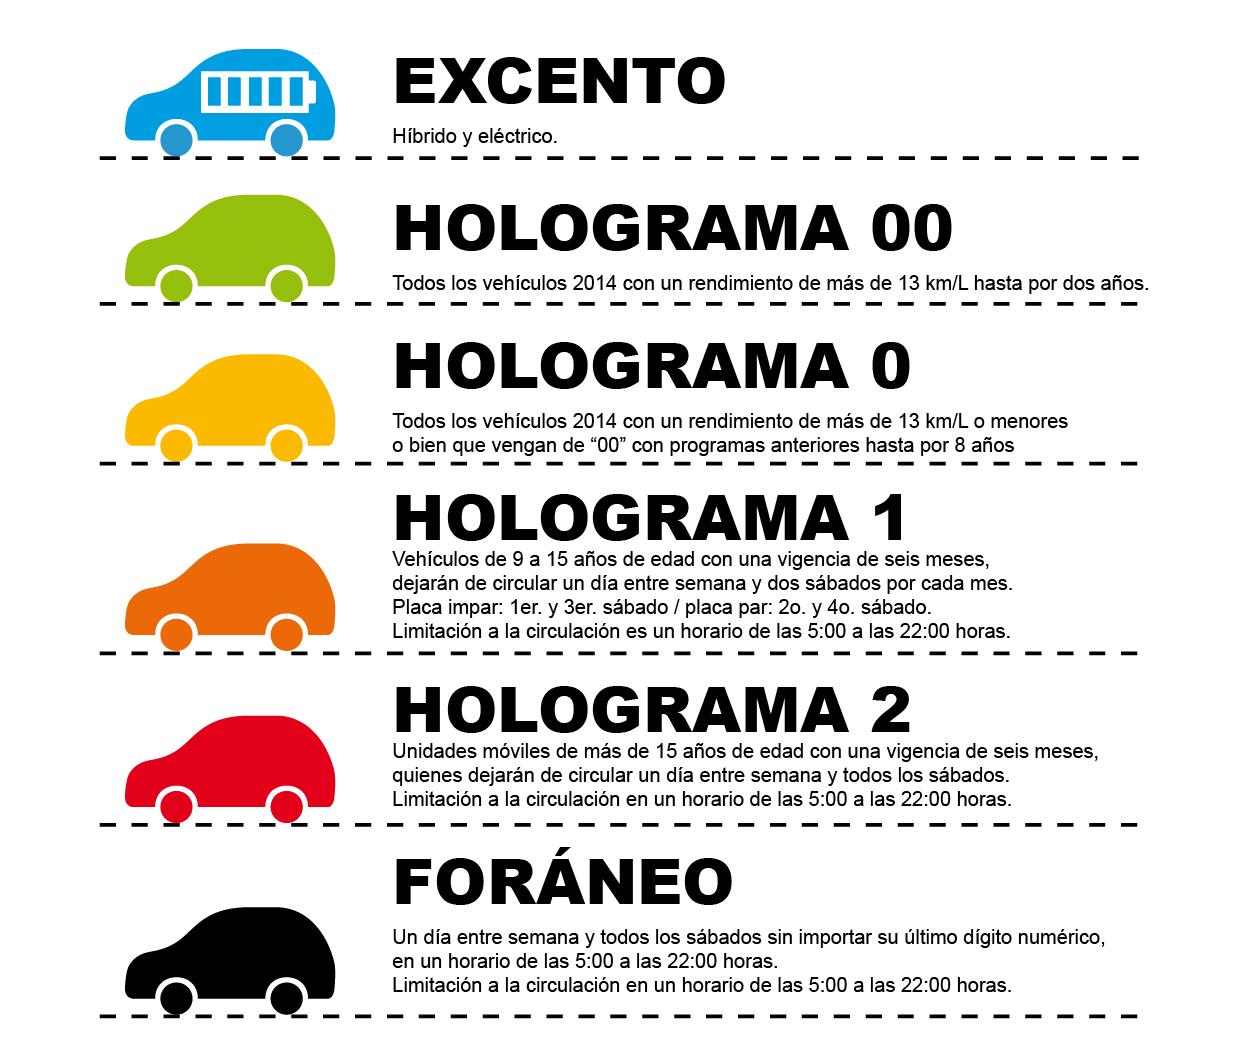 hologramas hoy no circula